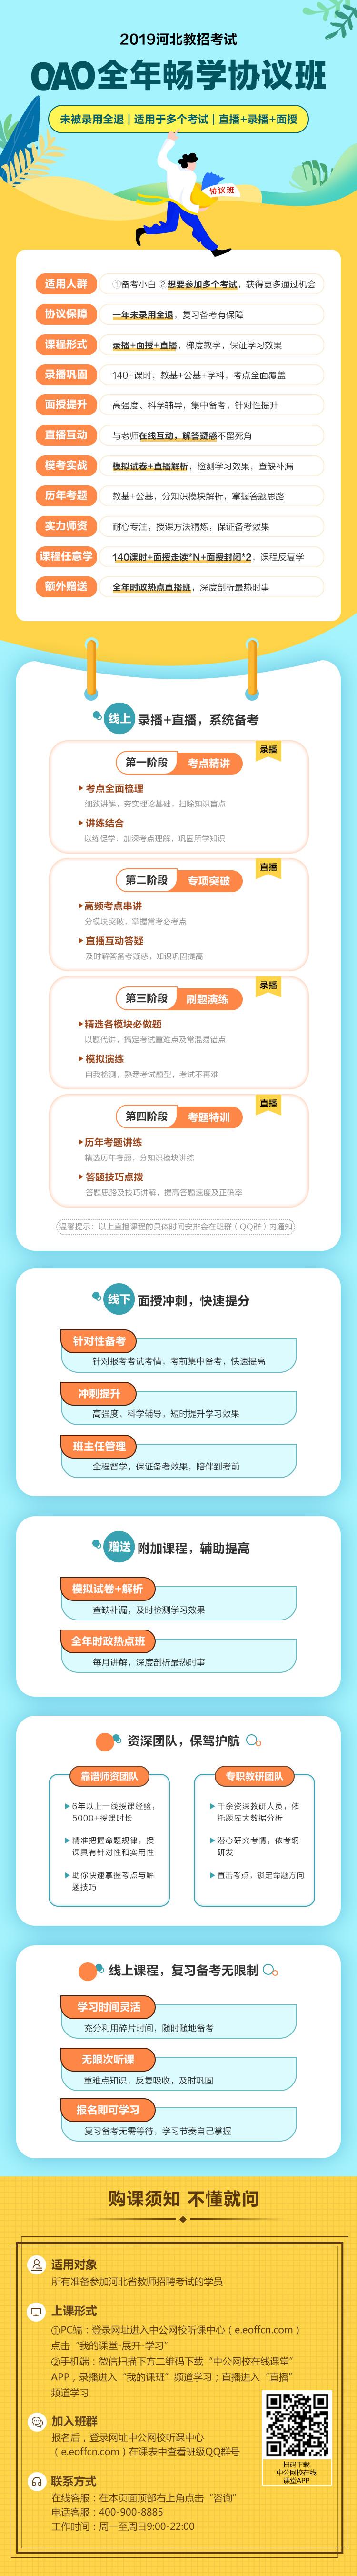 【最新修改版】0919-2019河北教招考��情�.jpg